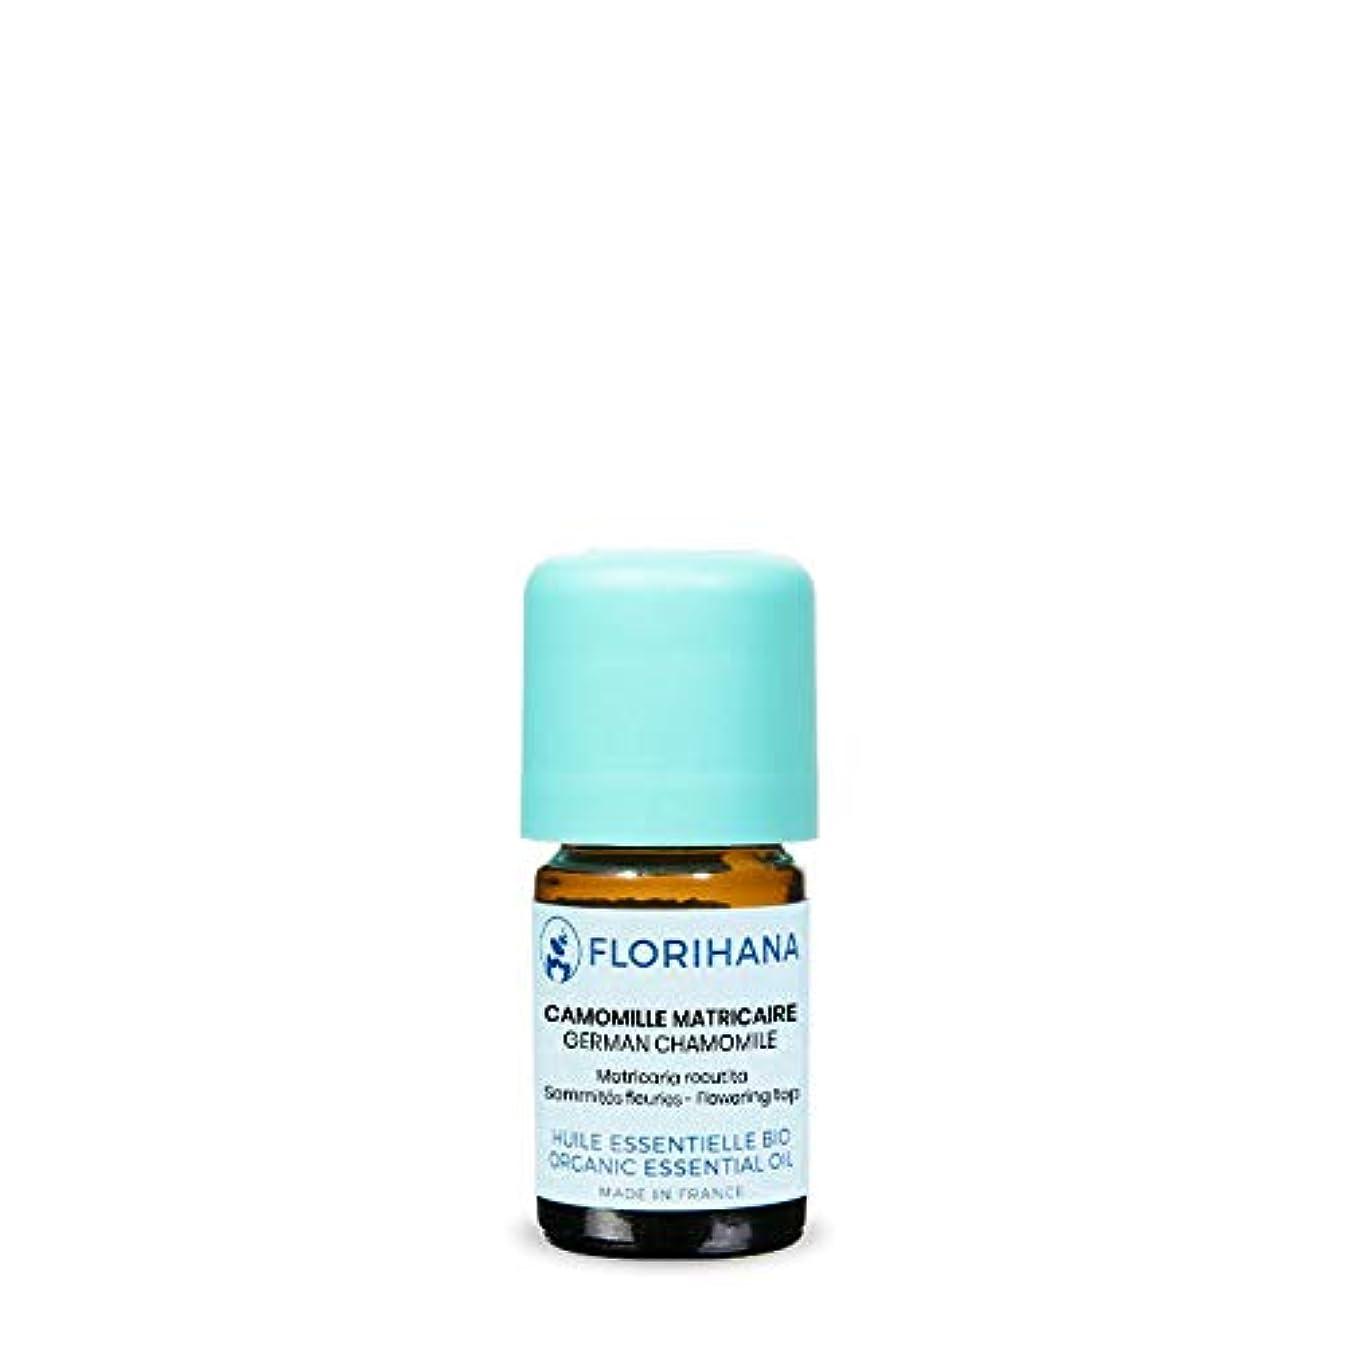 鎮痛剤反抗プレゼンオーガニック エッセンシャルオイル ジャーマンカモミール 5g(5.3ml)